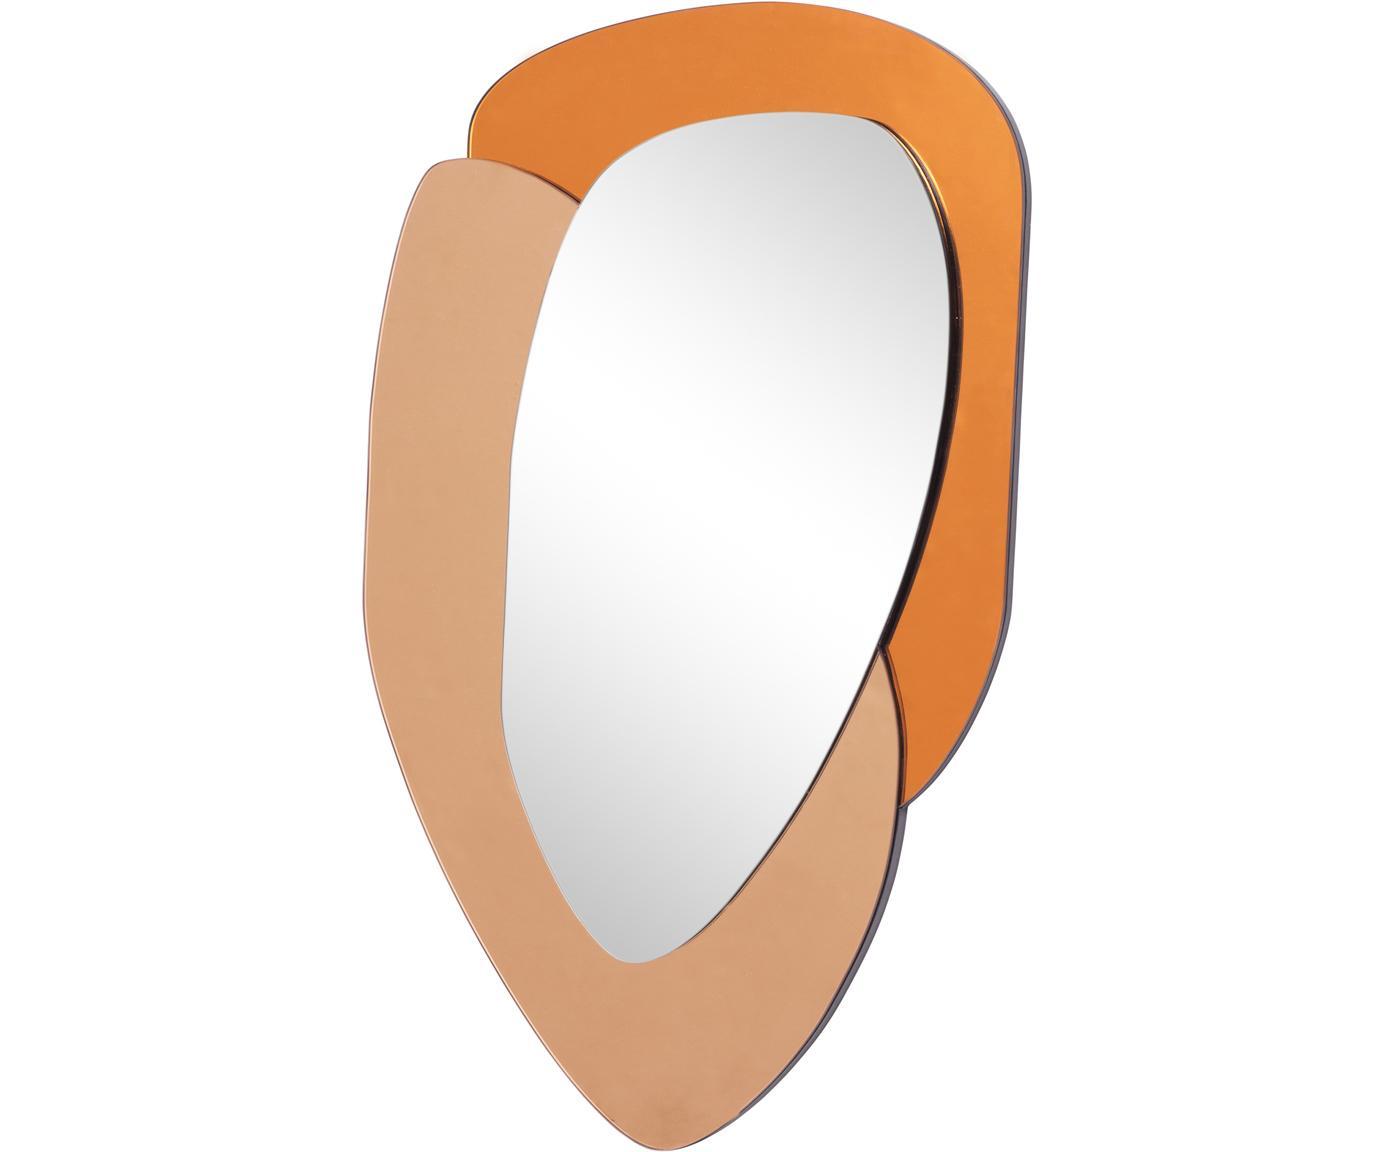 Wandspiegel Layer, Spiegelglas, Oranje, karamelbruin, spiegelglas, 48 x 76 cm